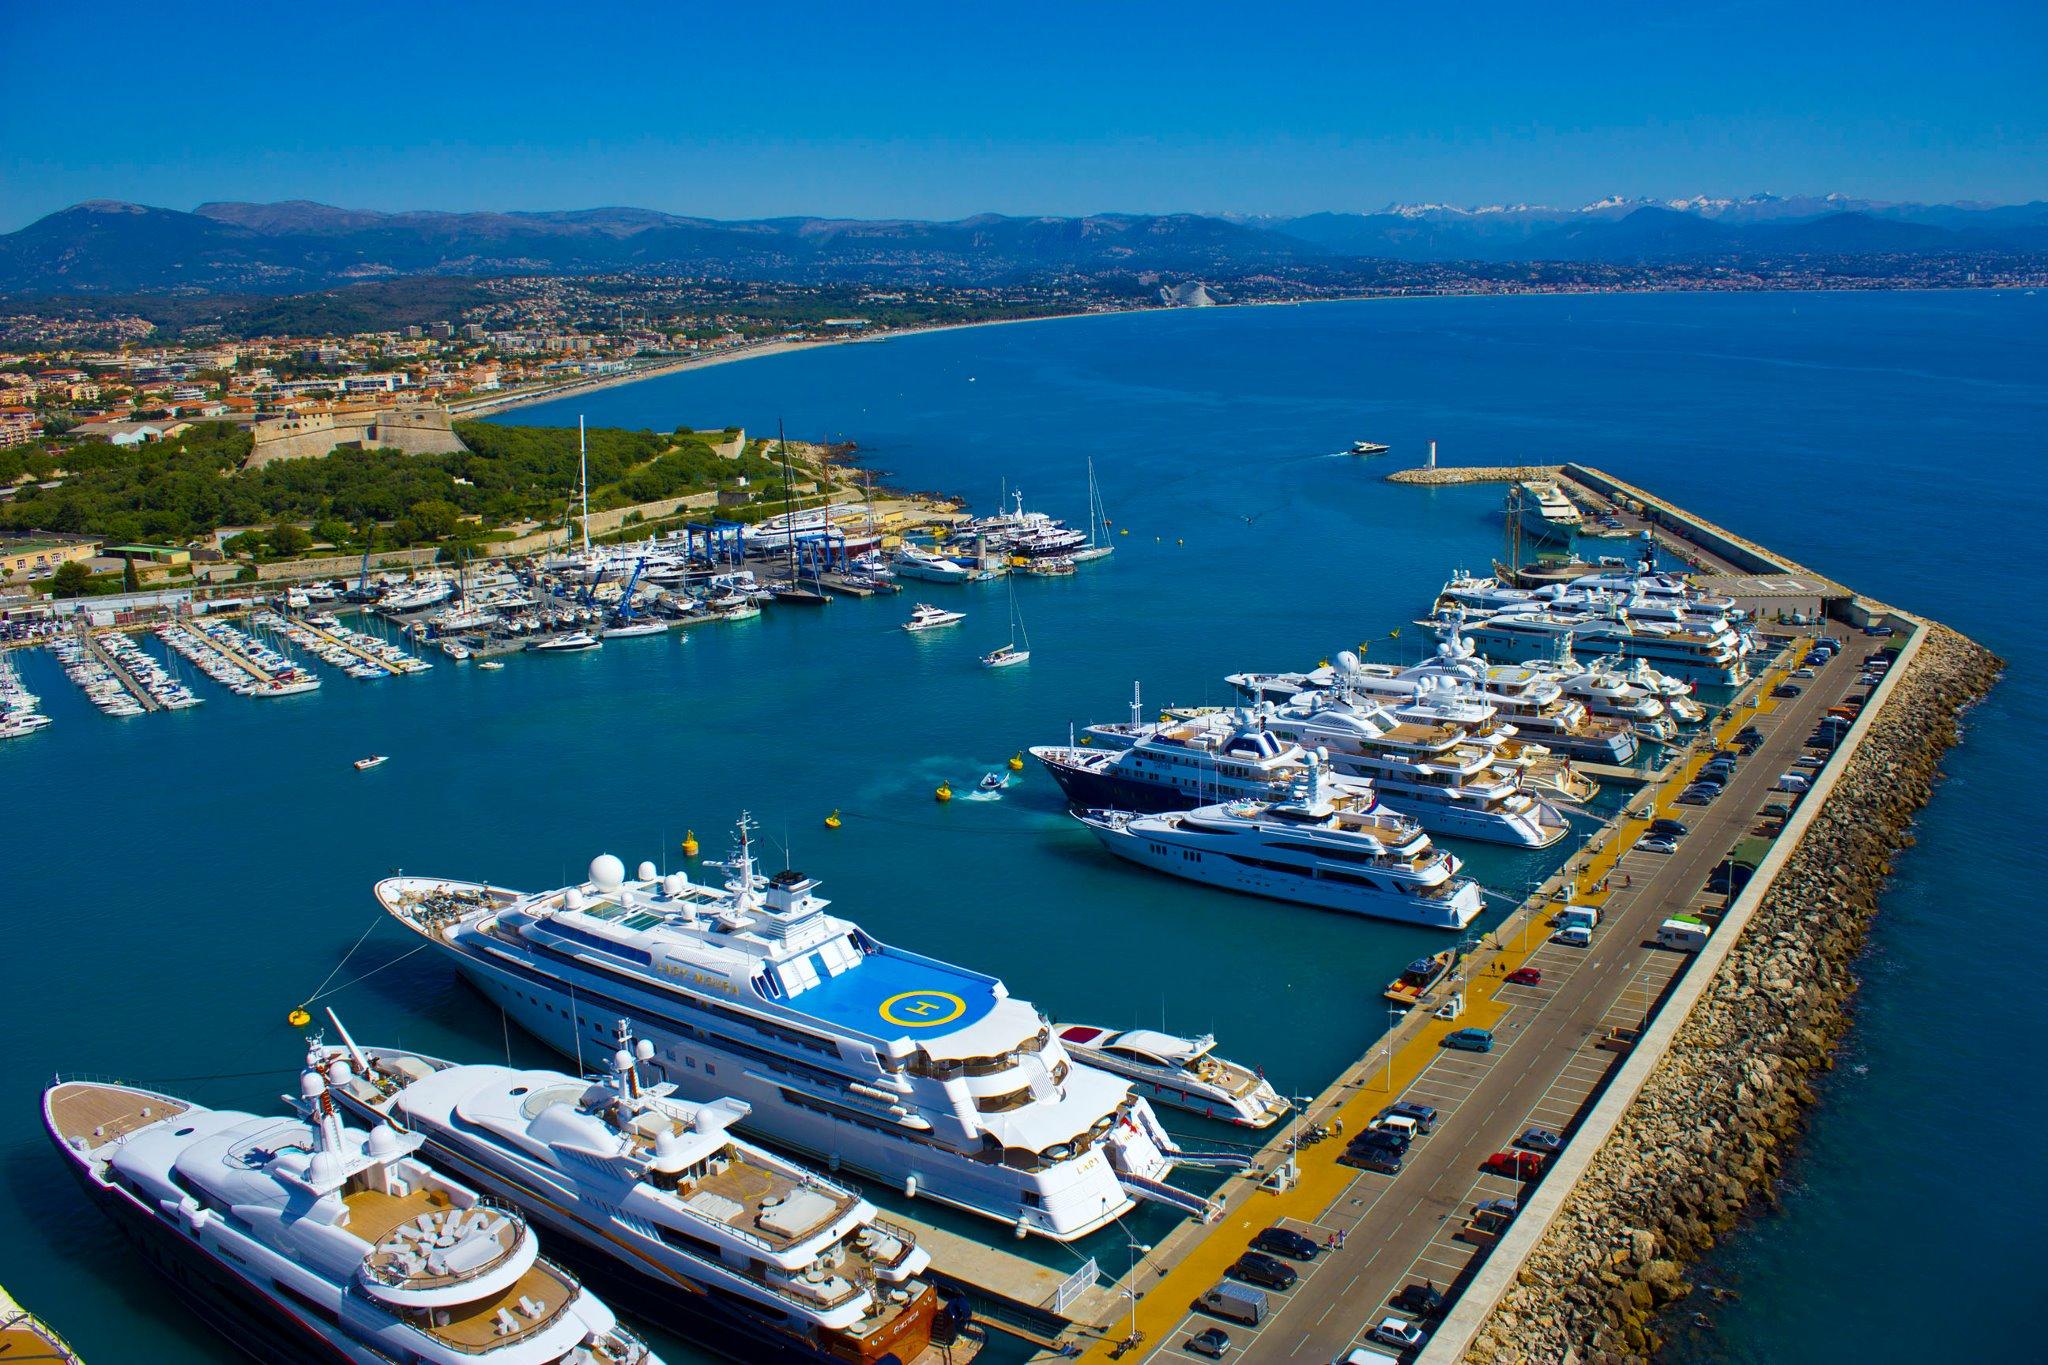 Quai des Milliardaires, Antibes, France